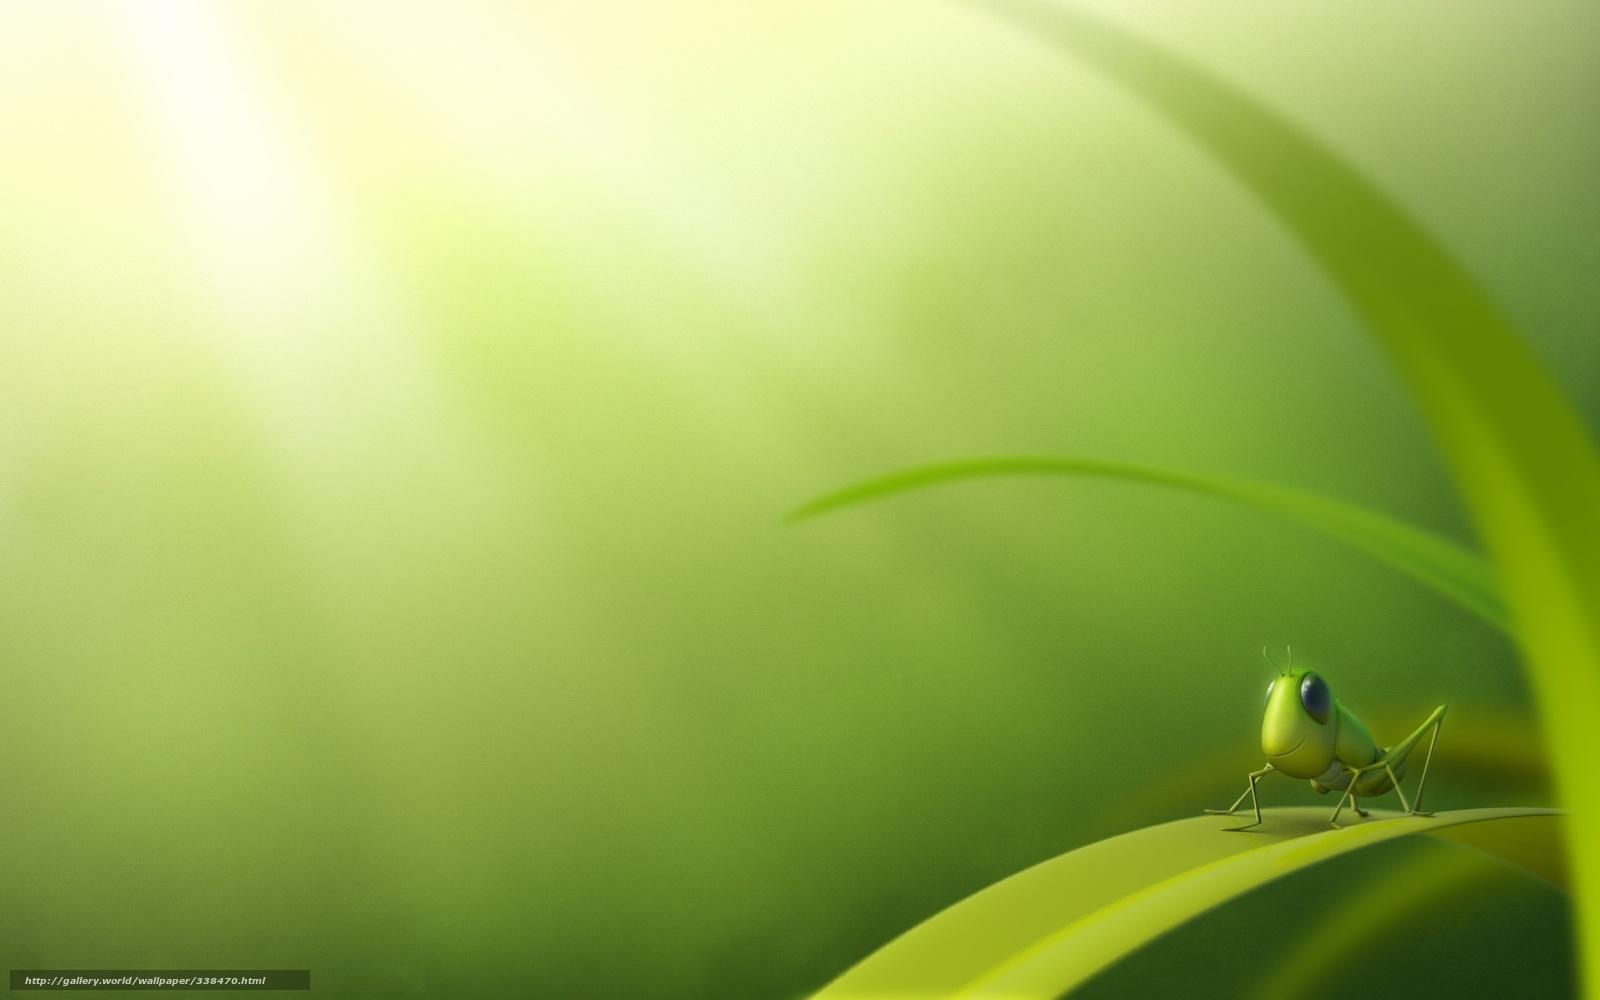 Scaricare gli sfondi divertente verde cavalletta sfondi for Immagini divertenti desktop